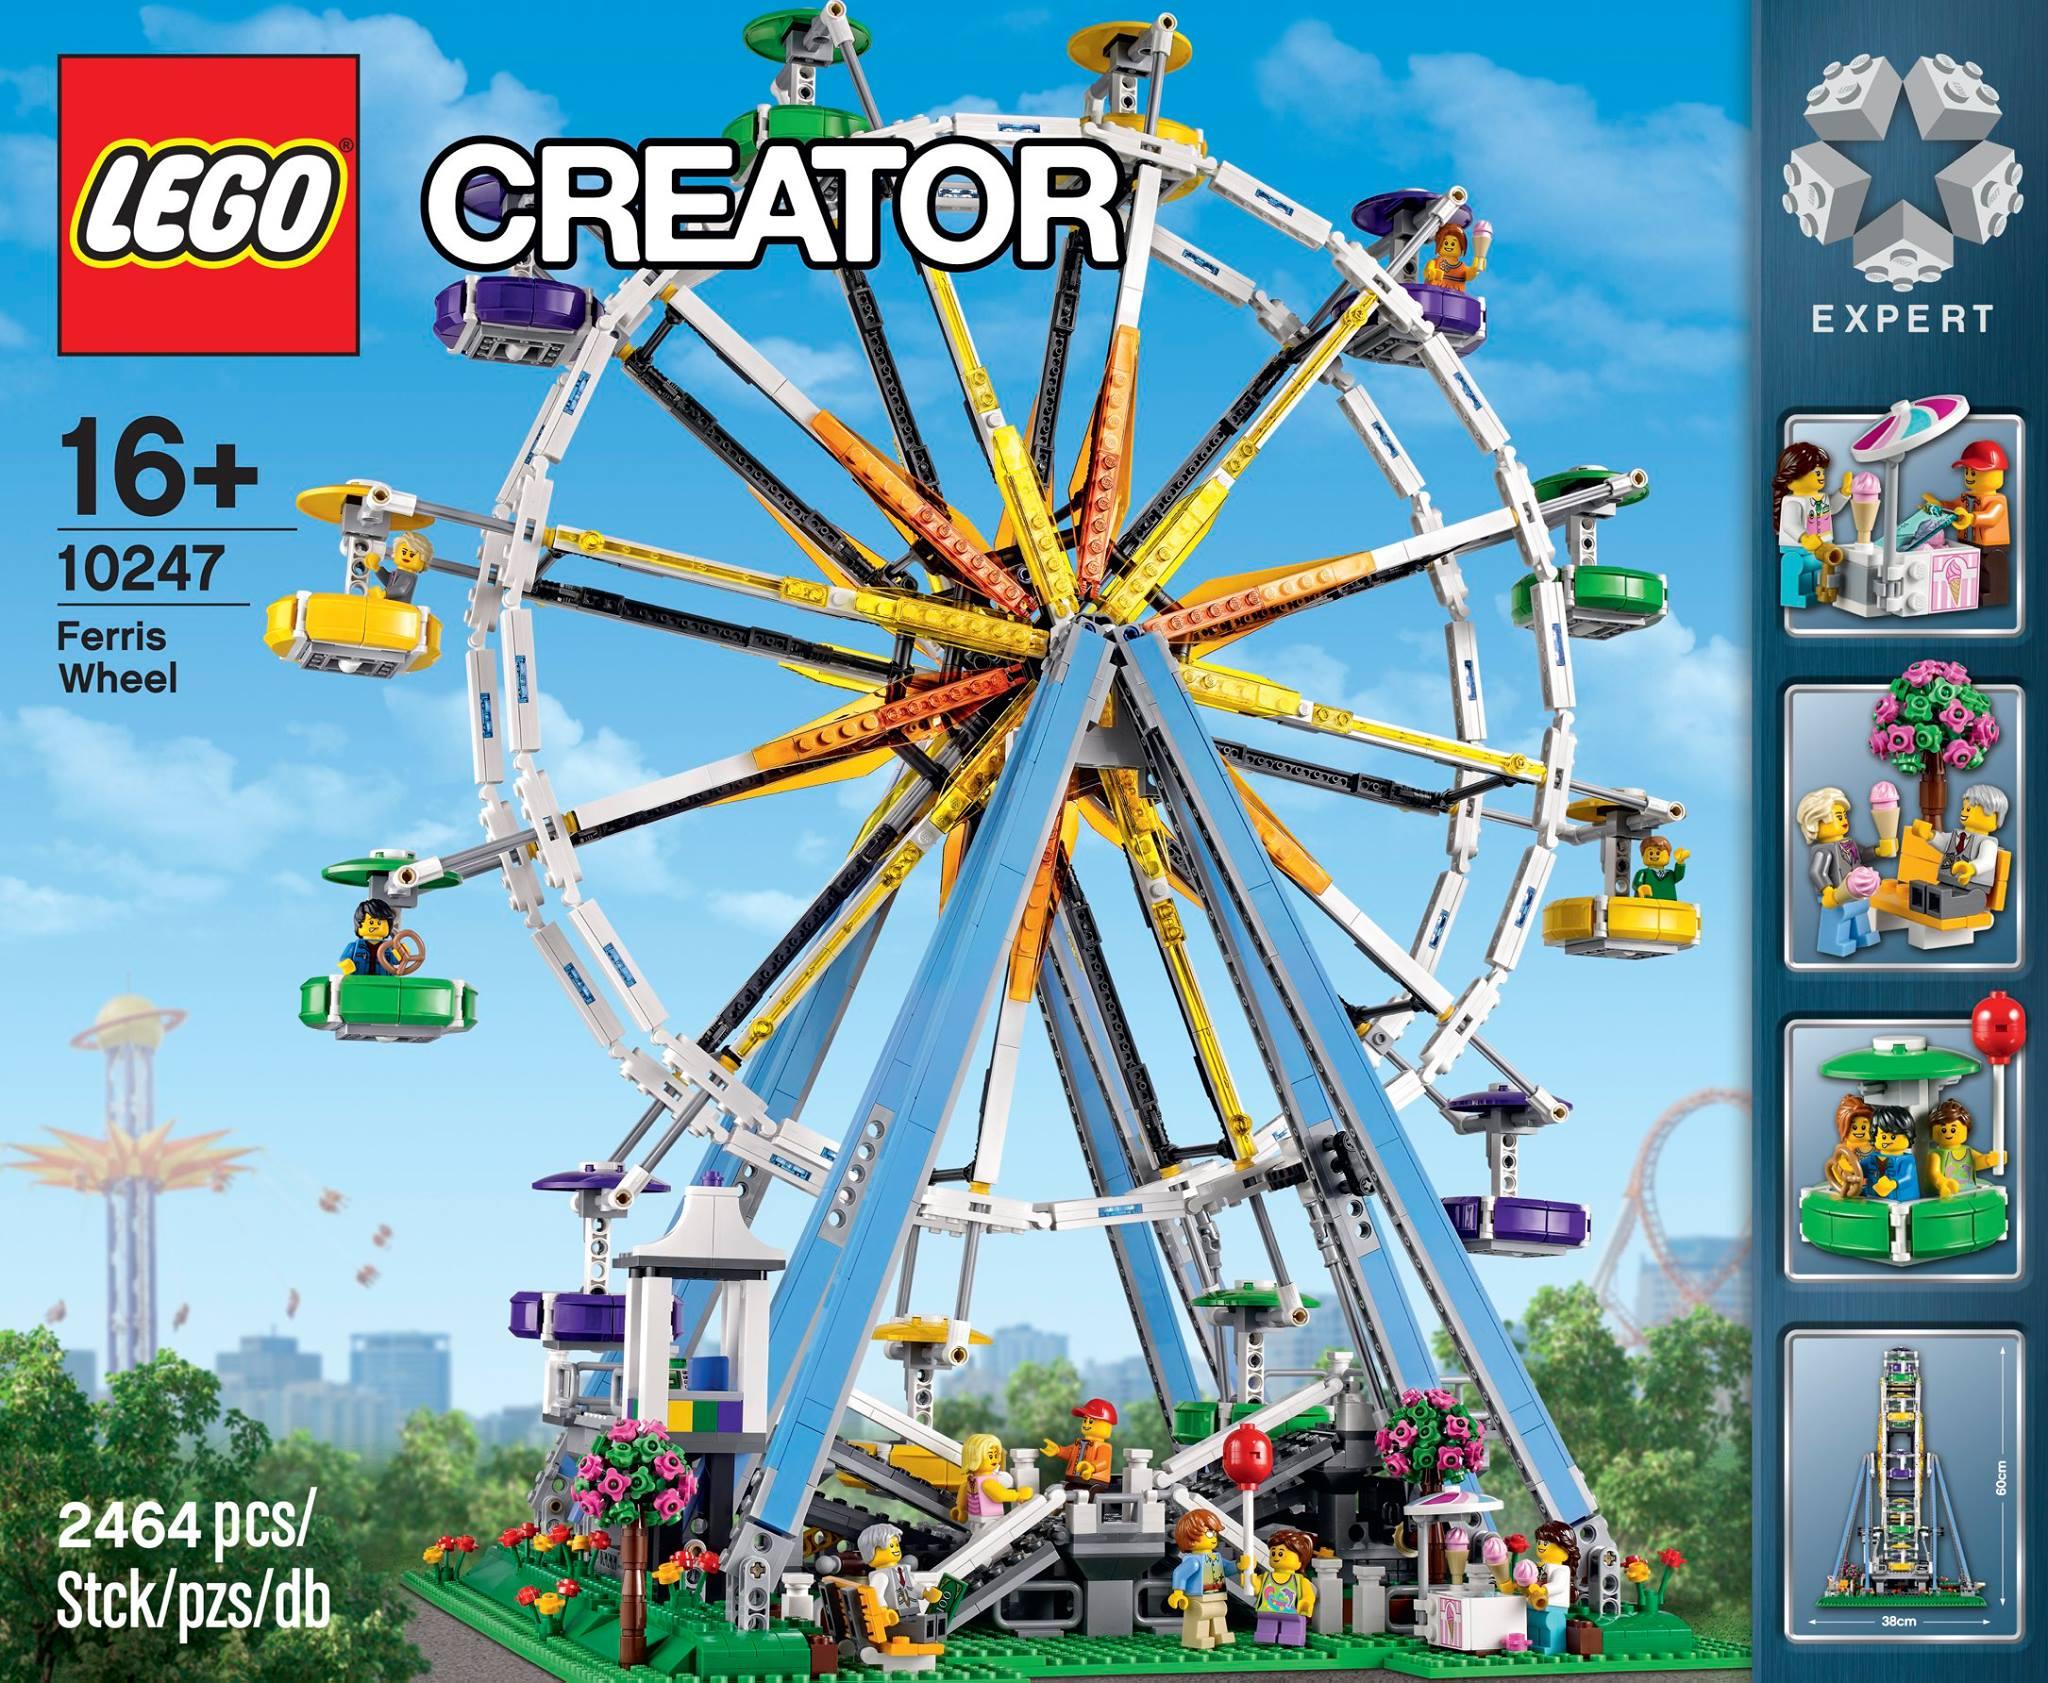 10247-lego-creator-ferris-wheel-box.jpg